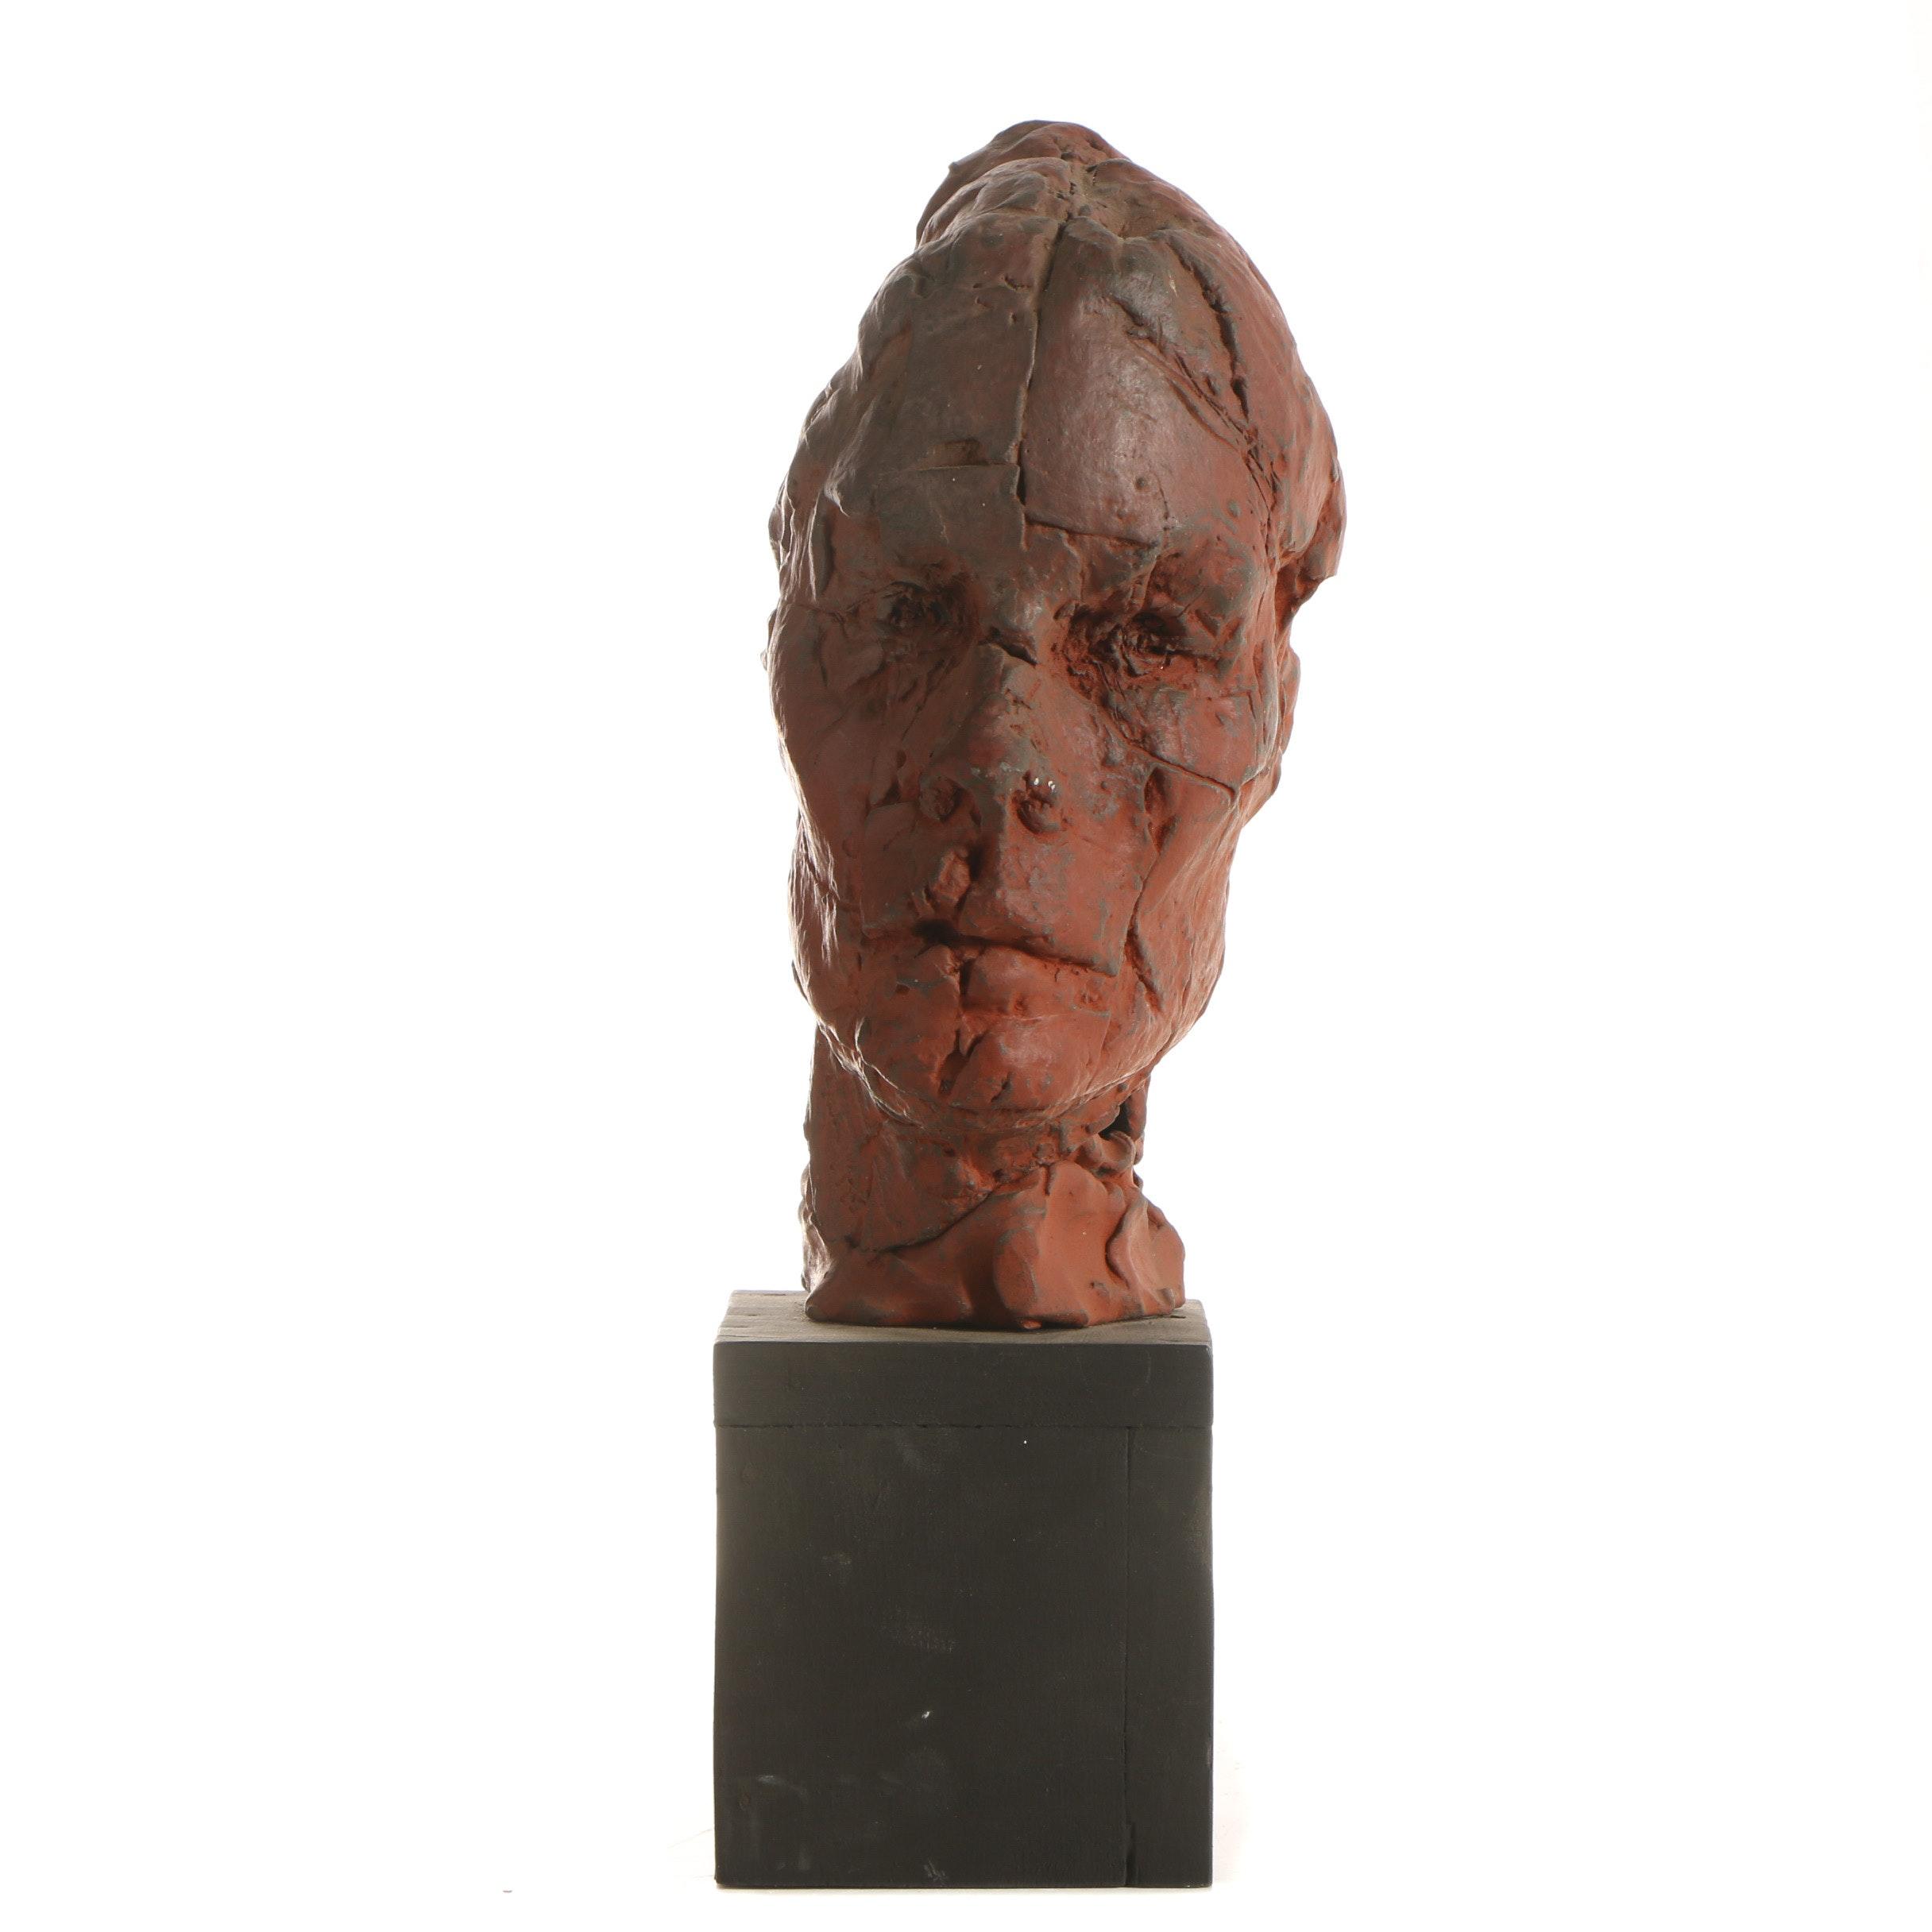 John Tuska Stoneware Bust Sculpture